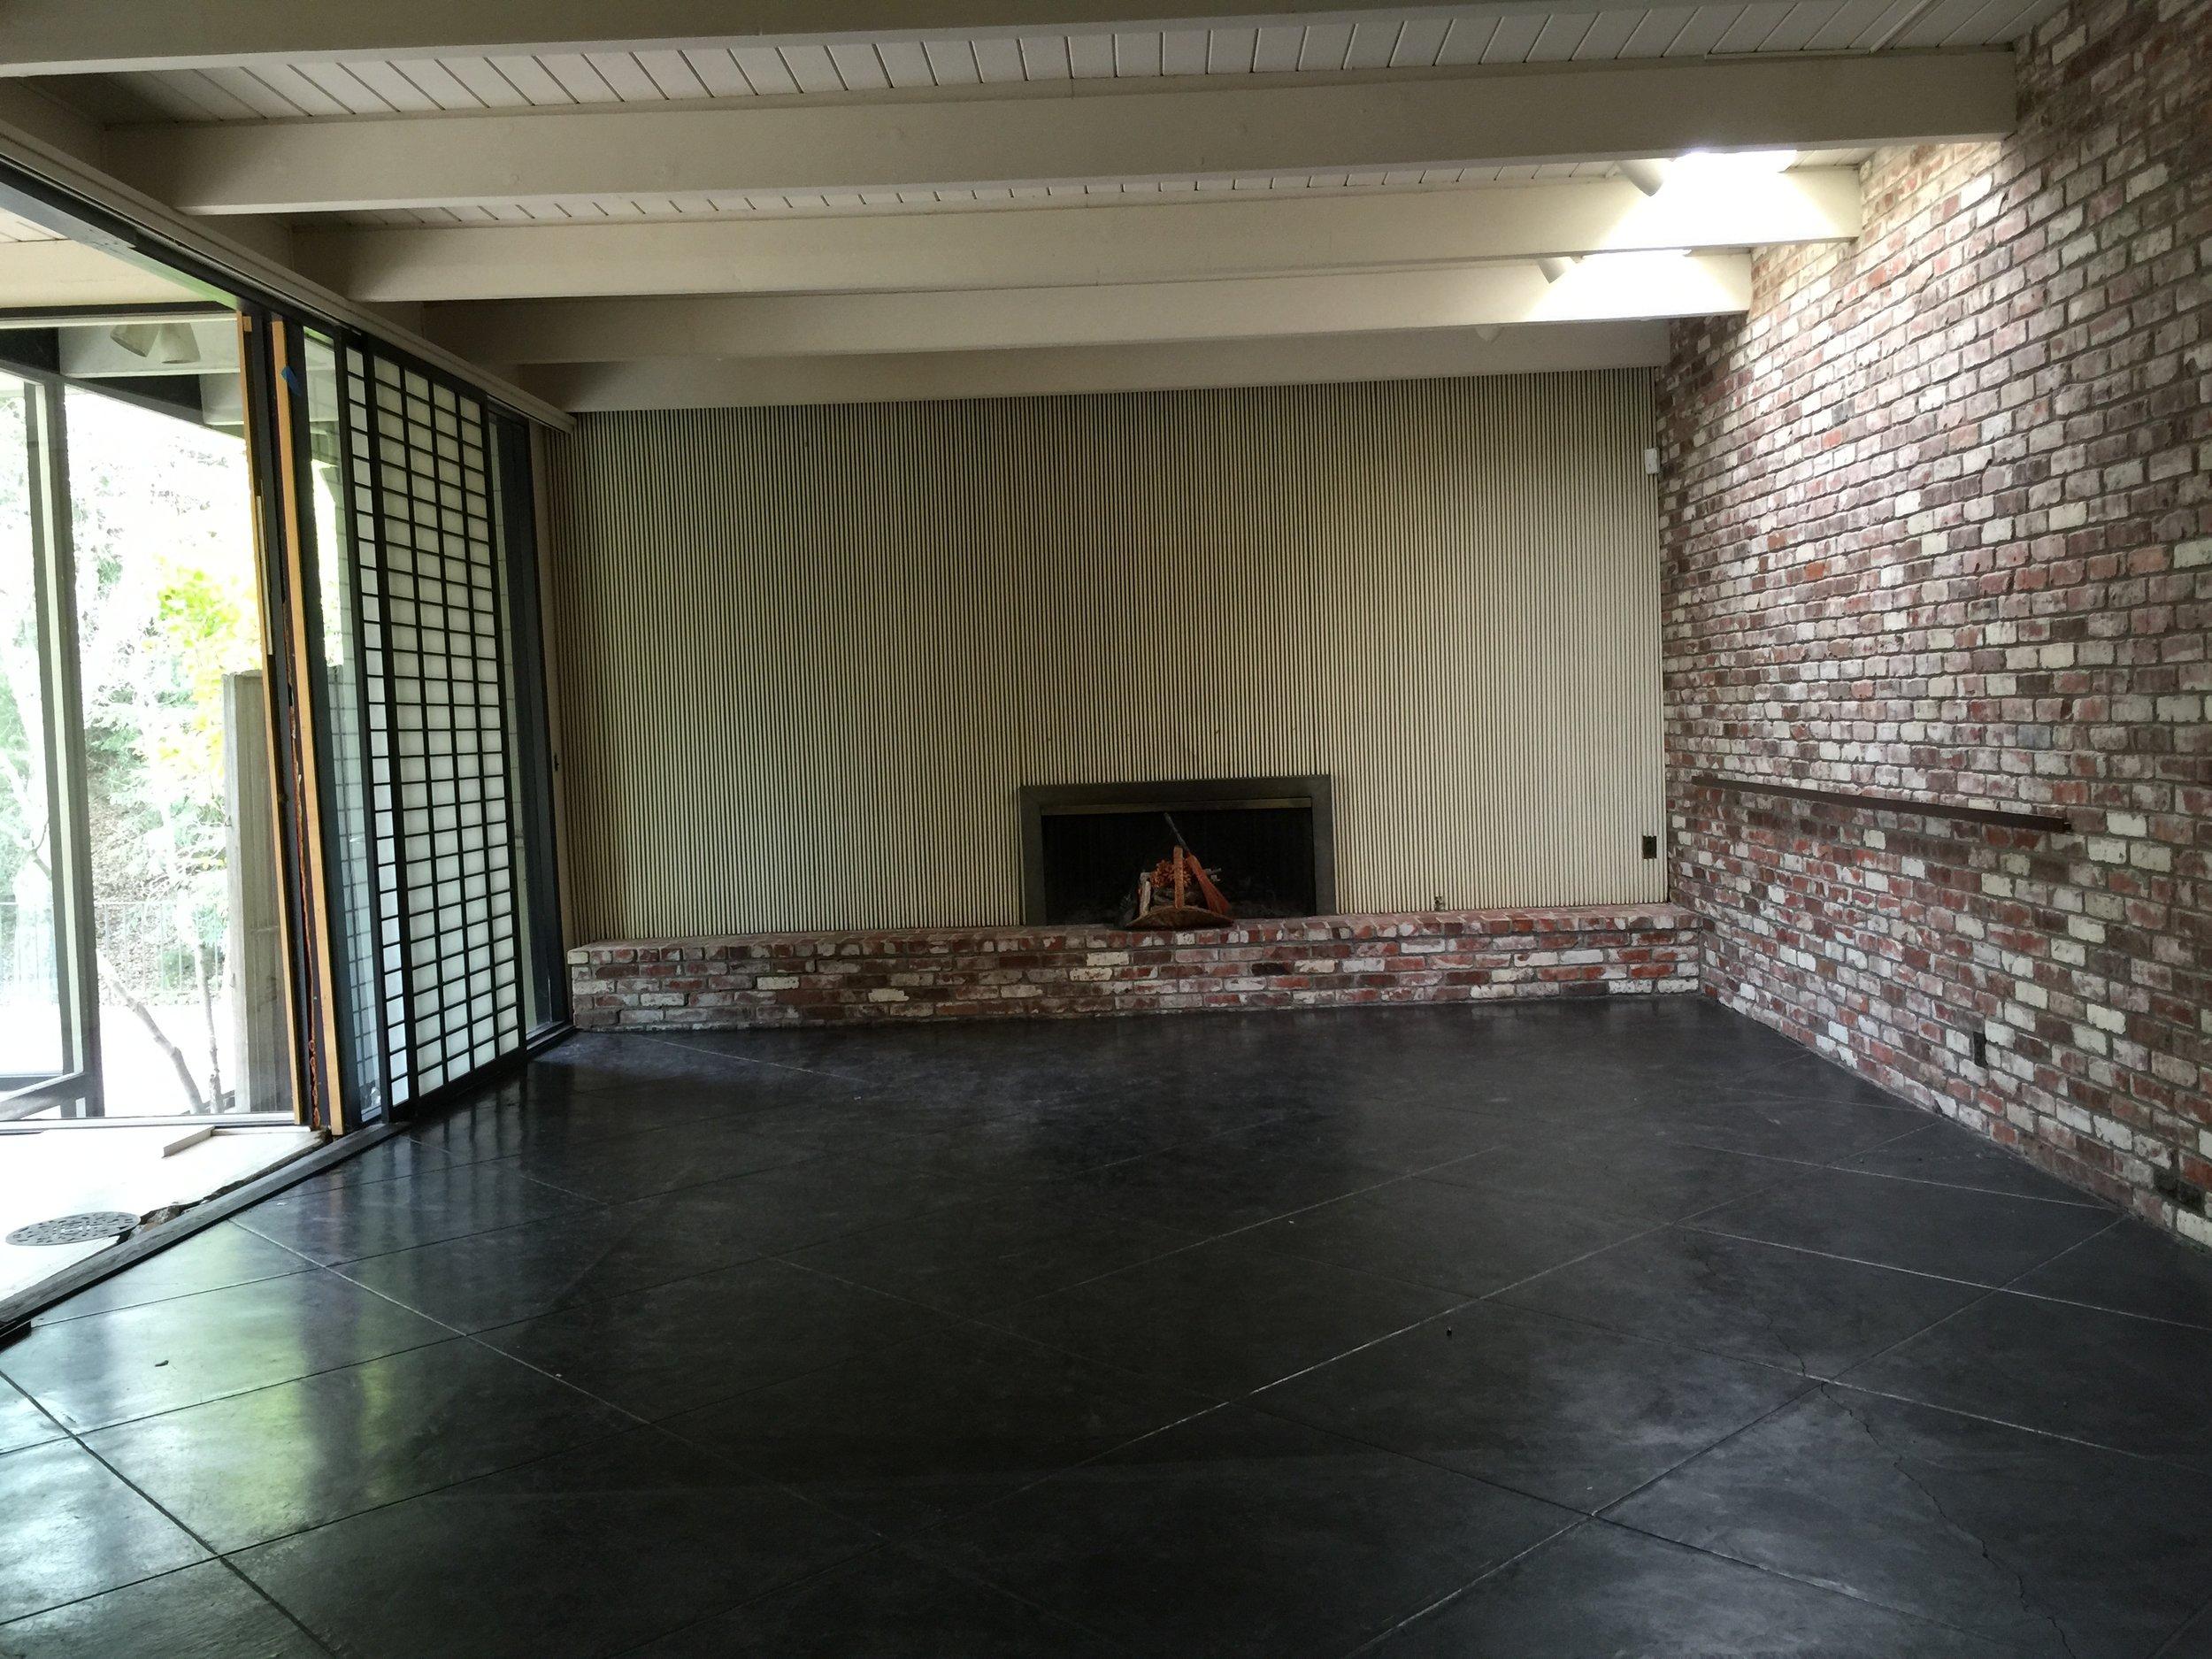 44 Tarry Lane, Orinda. Family Room: Before